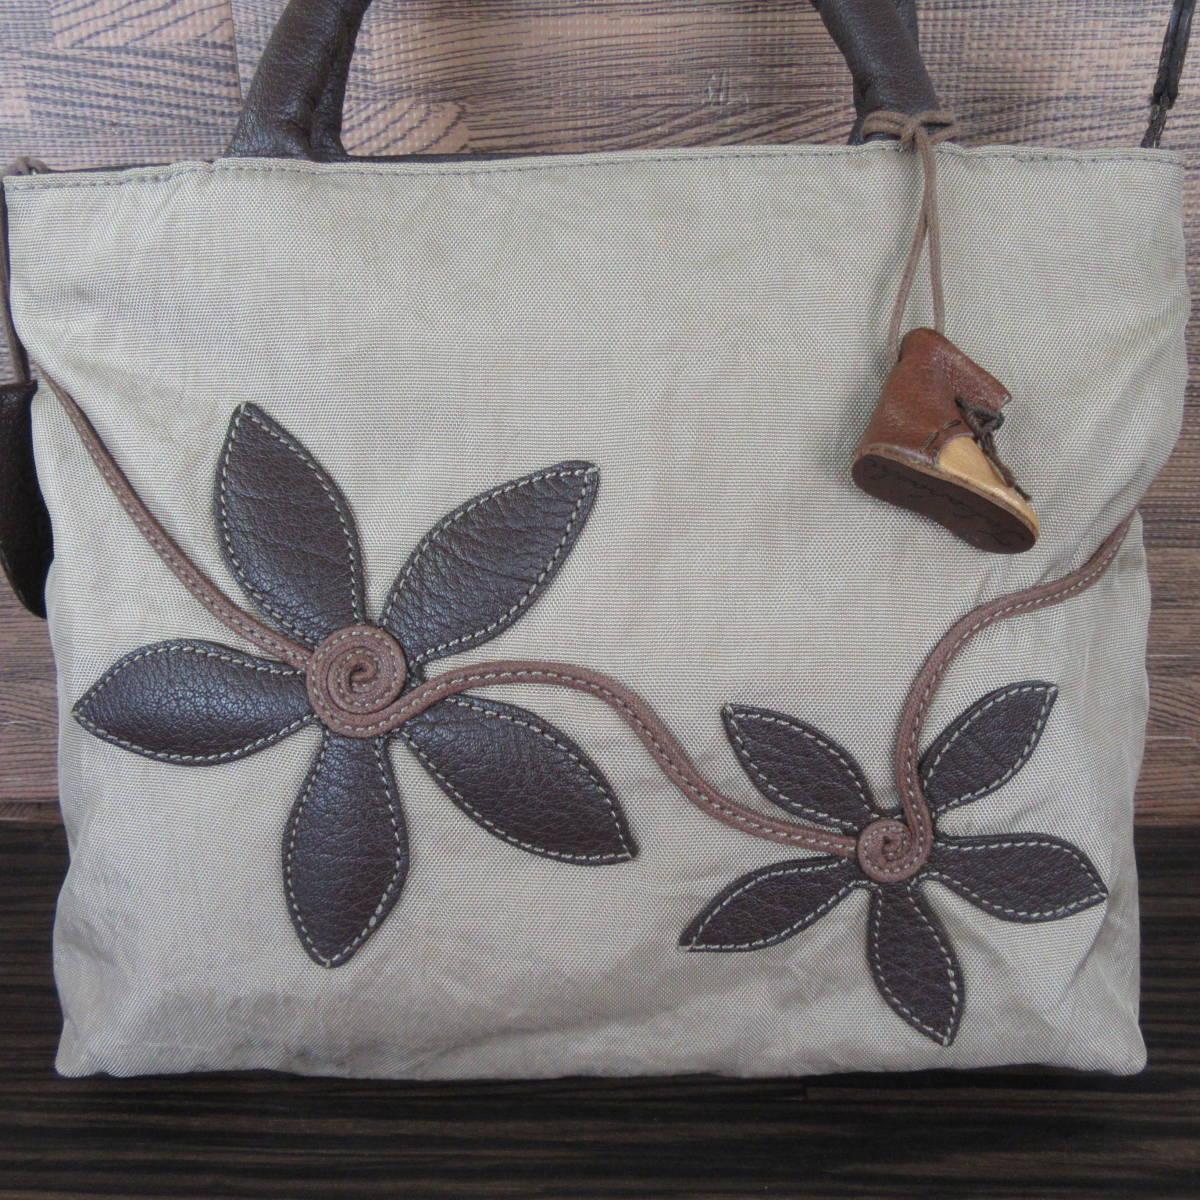 IBIZA イビザ ナイロン×レザー フラワーワッペン ハンドバッグ 保存袋 ブラウン×ベージュ系 東KK_画像2